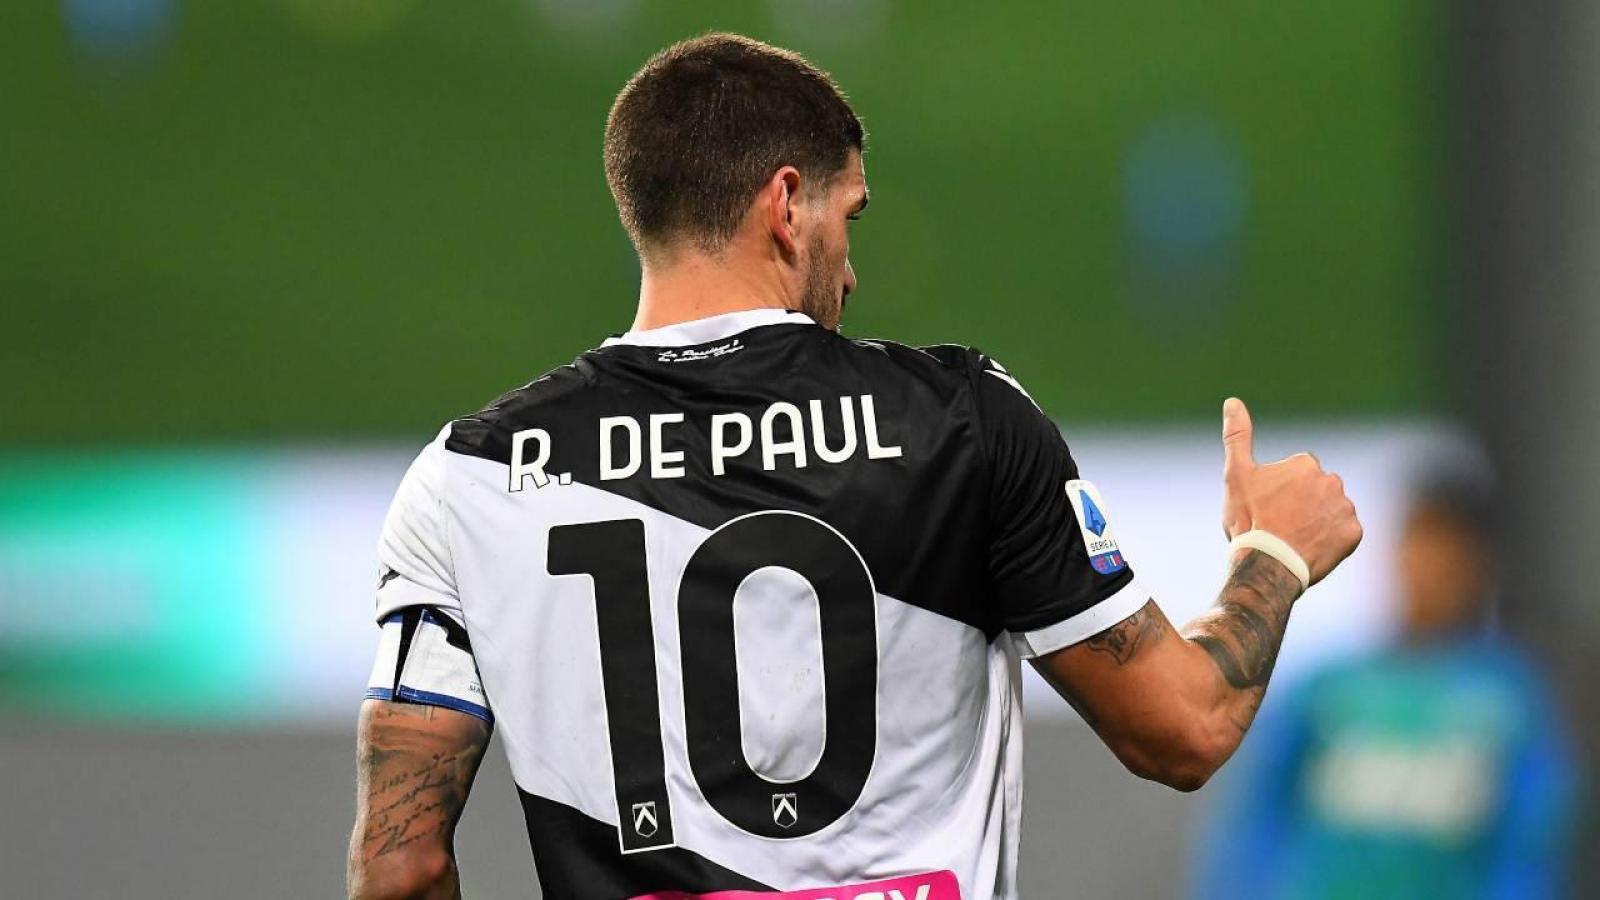 Con la 10 y la cinta, Rodrigo de Paul se cargó el equipo al hombro.